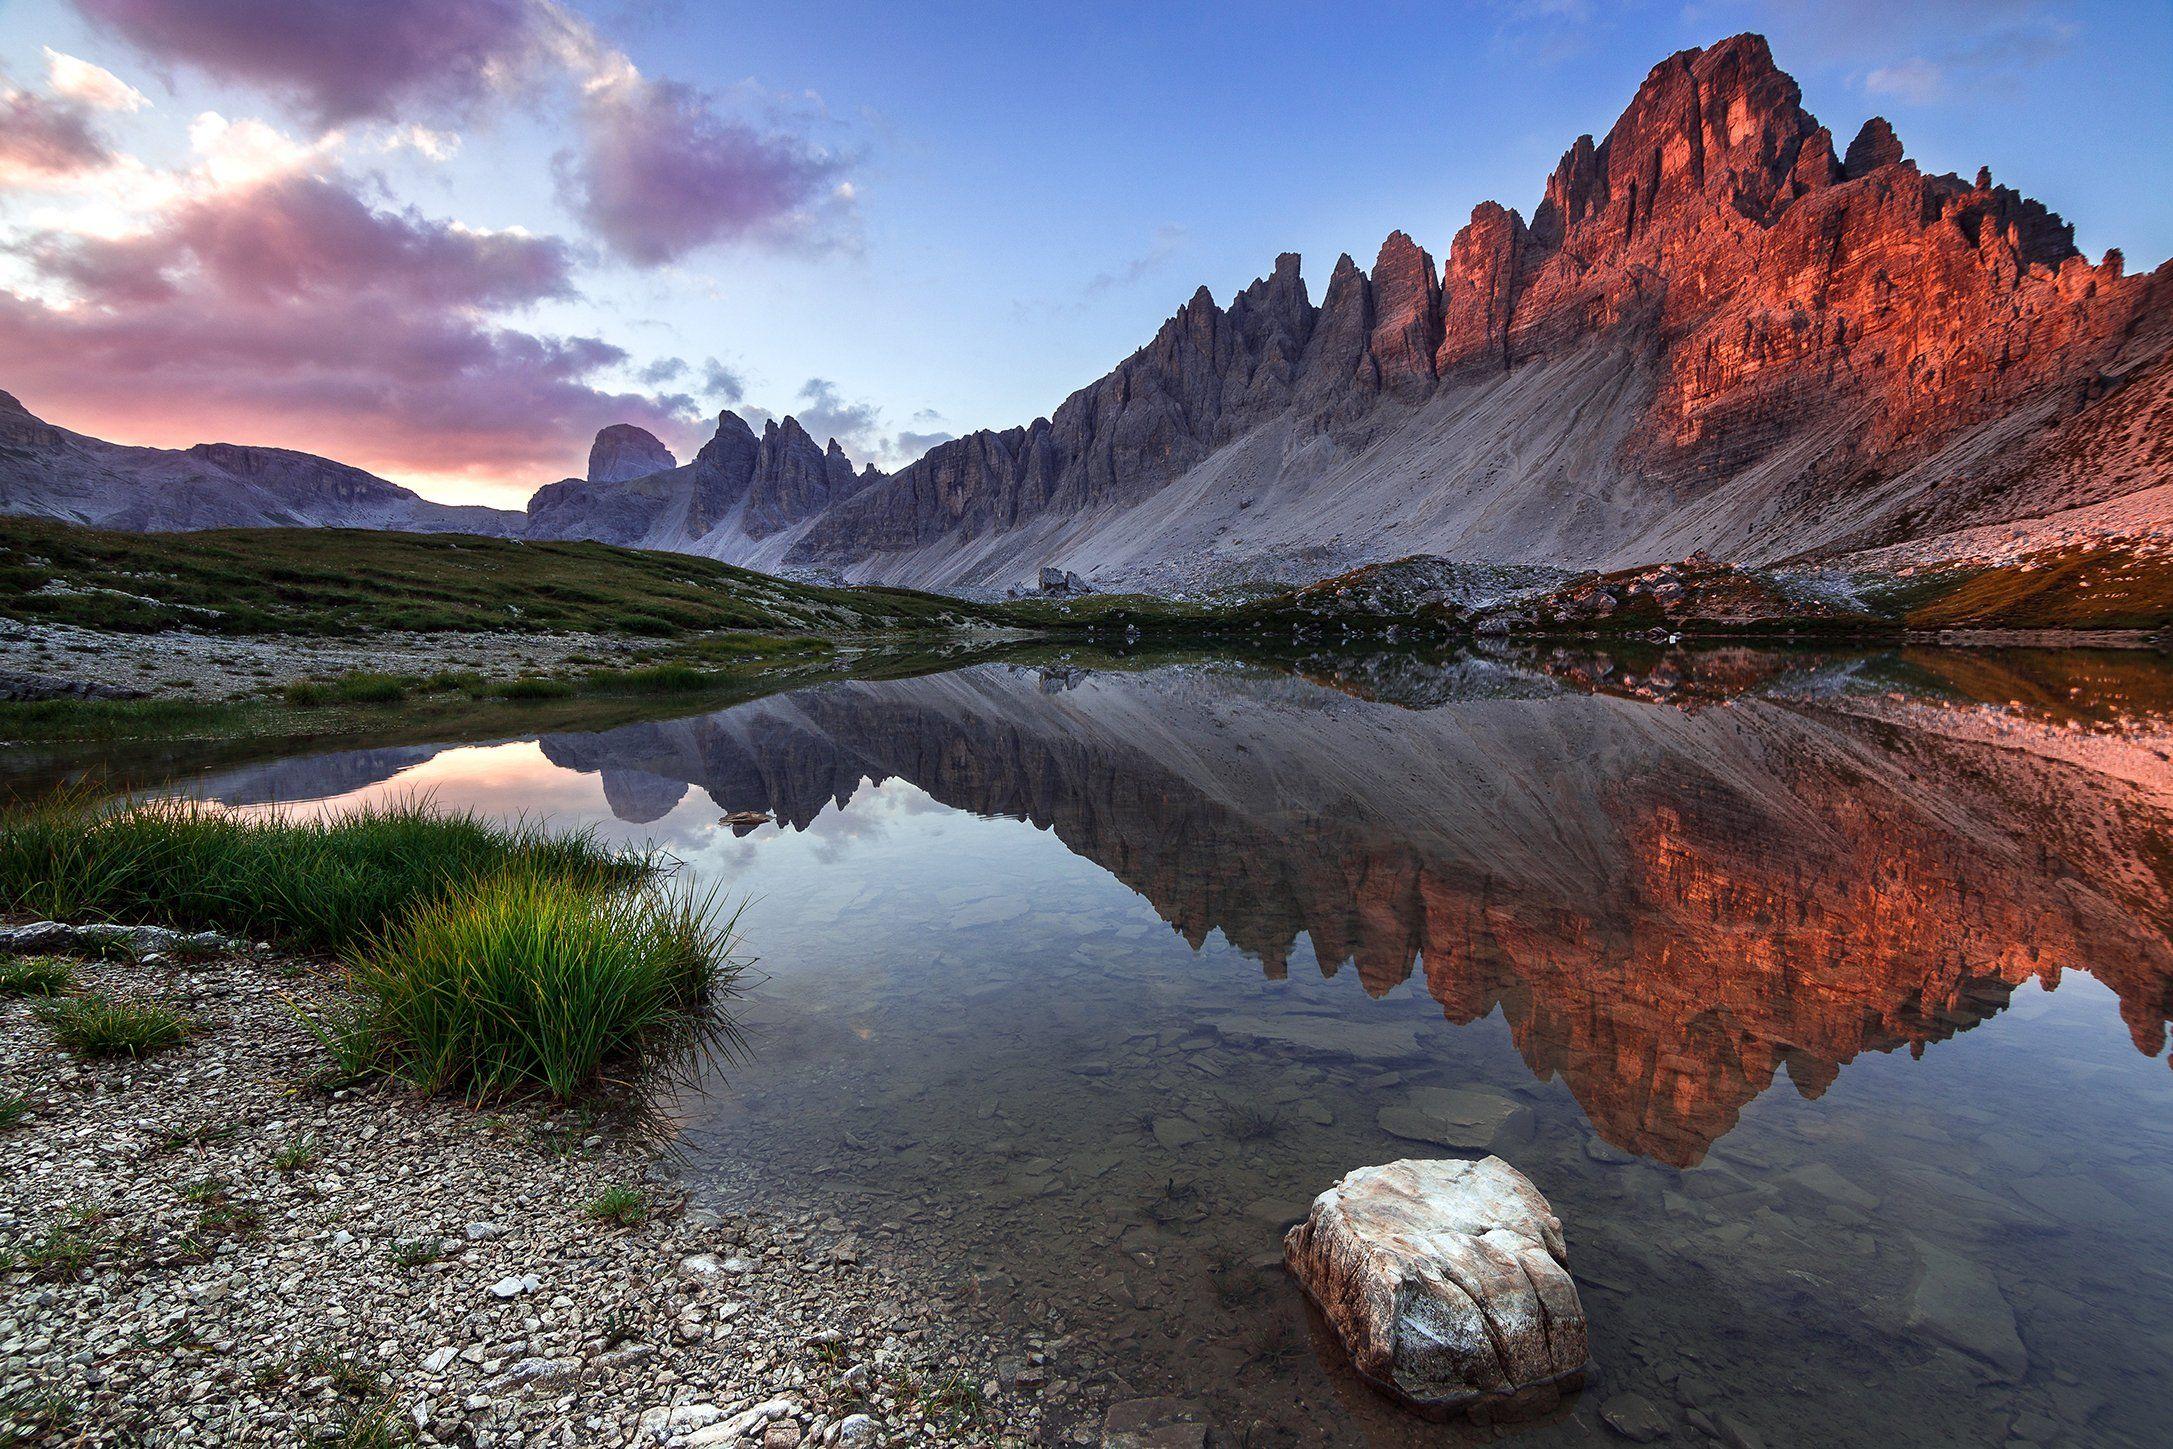 mountains, dolomites, italy, sunrise, landscape, nature, travel, summer, peak, clouds, lake, reflection, Lazar Ioan Ovidiu